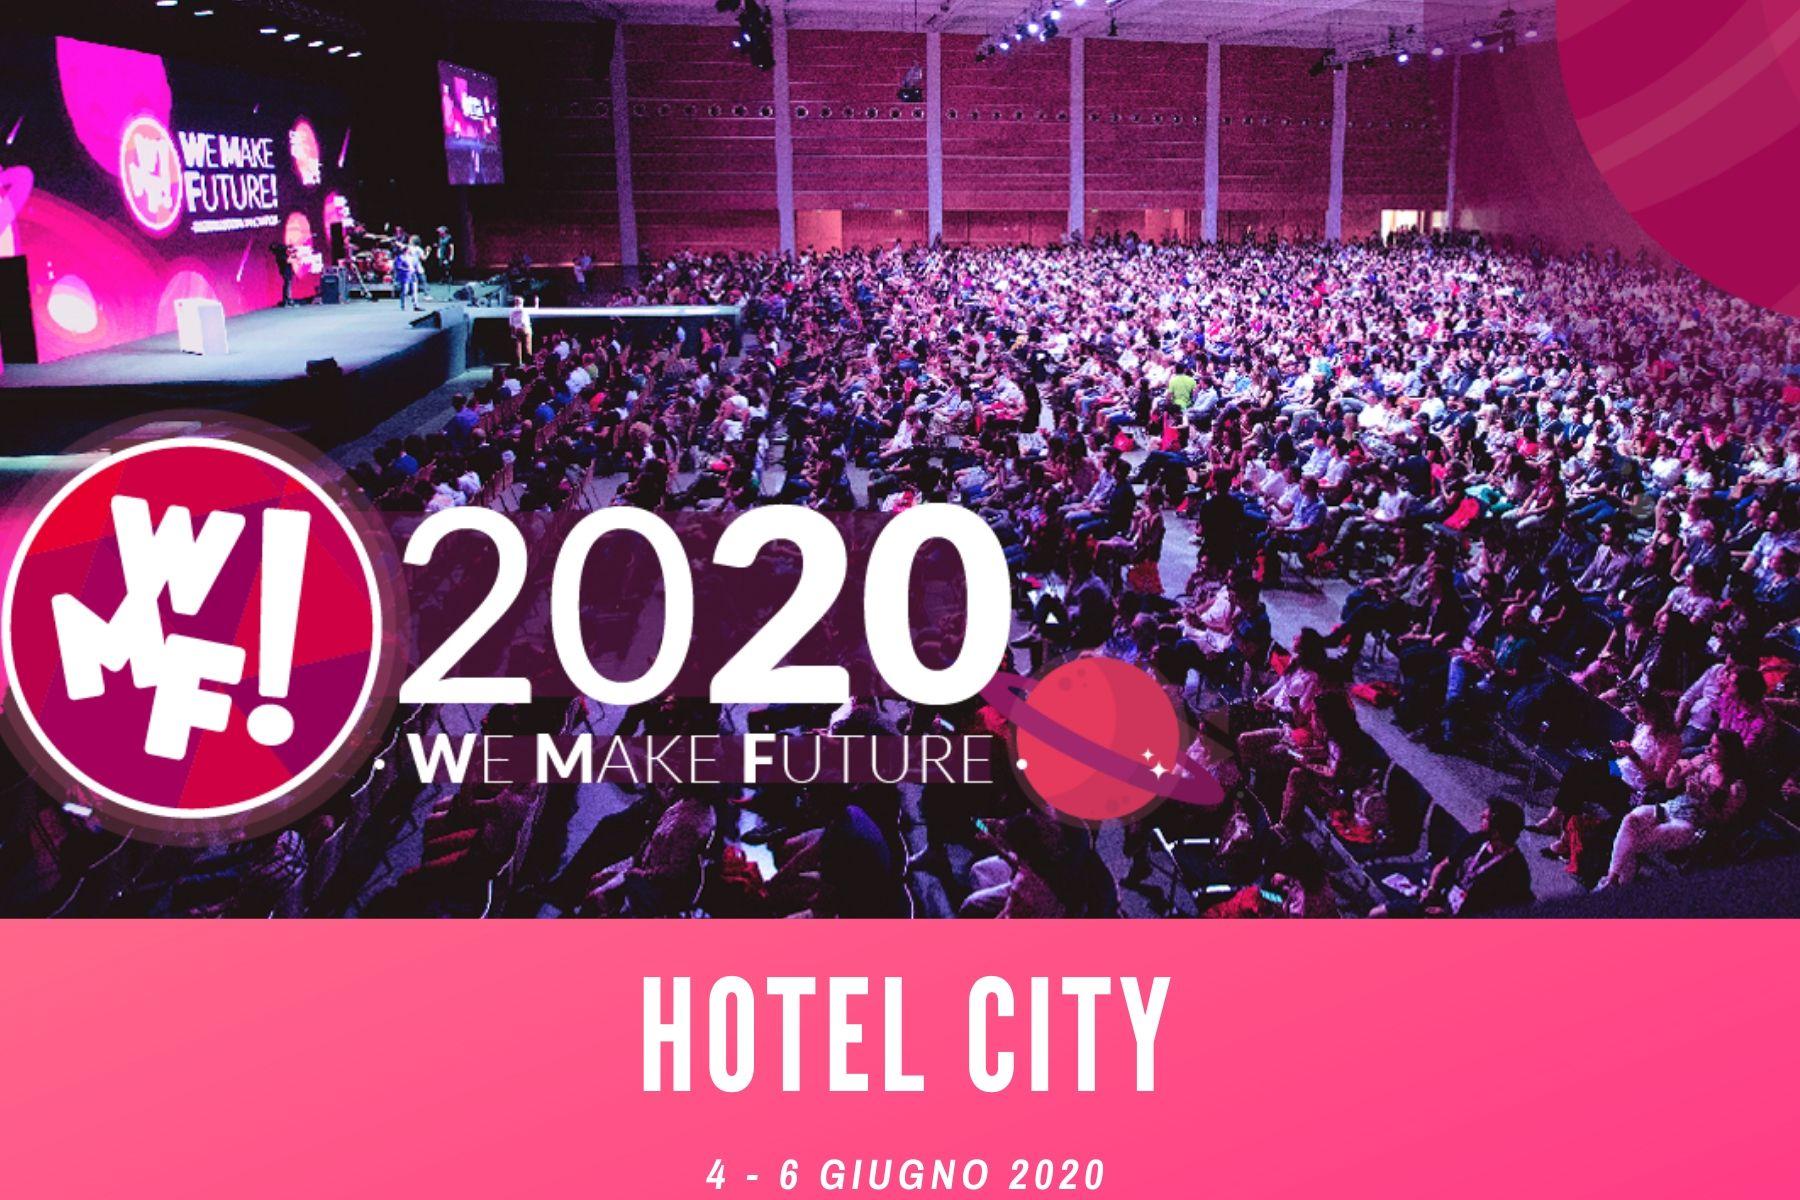 Offerta per il Web Marketing Festiva che si terrà al Palacongressi dal 19 al 21 novembre. L'evento più completo ed unico nel suo genere in Europa!